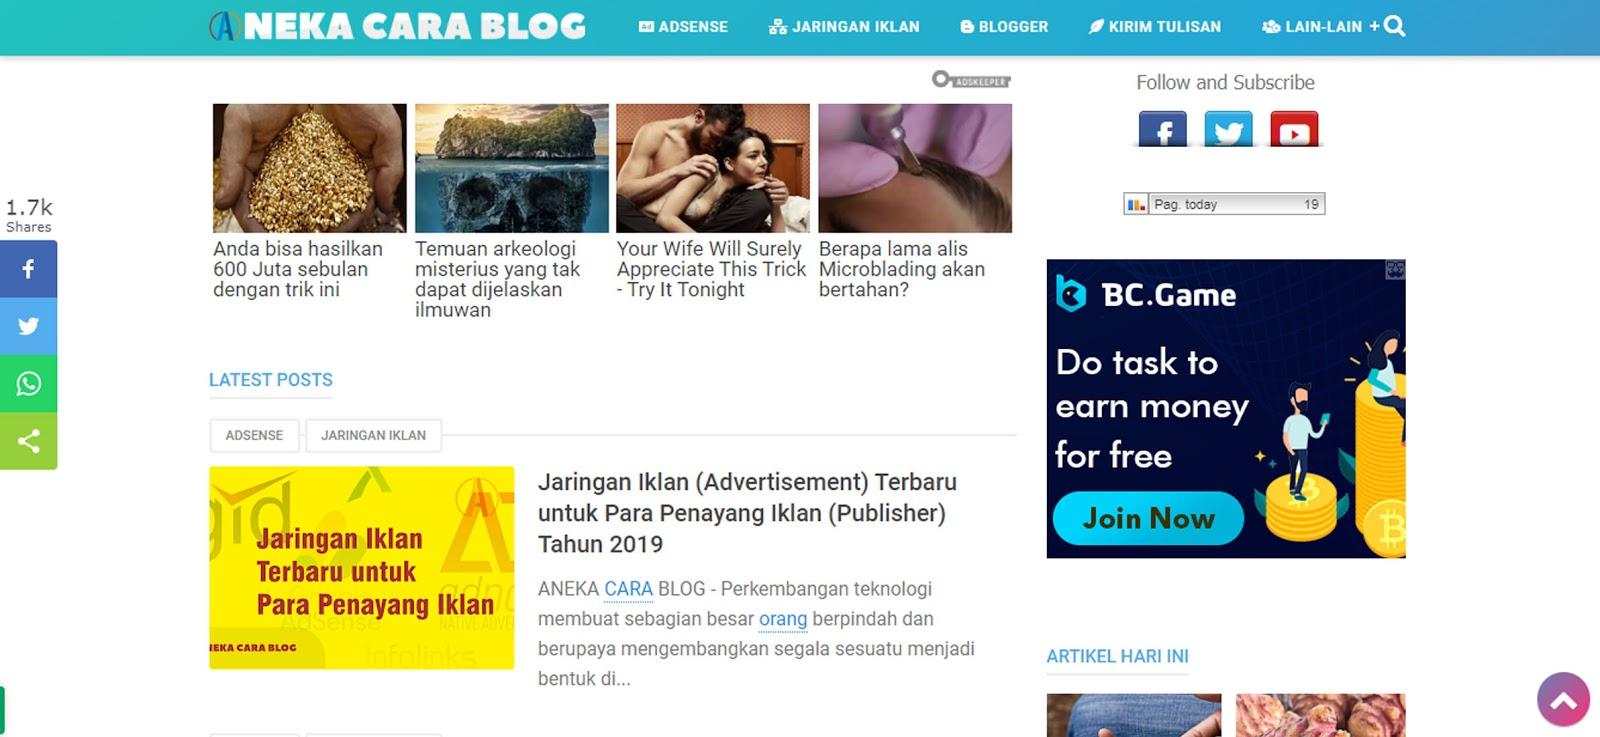 abp-aneka-cara-blog